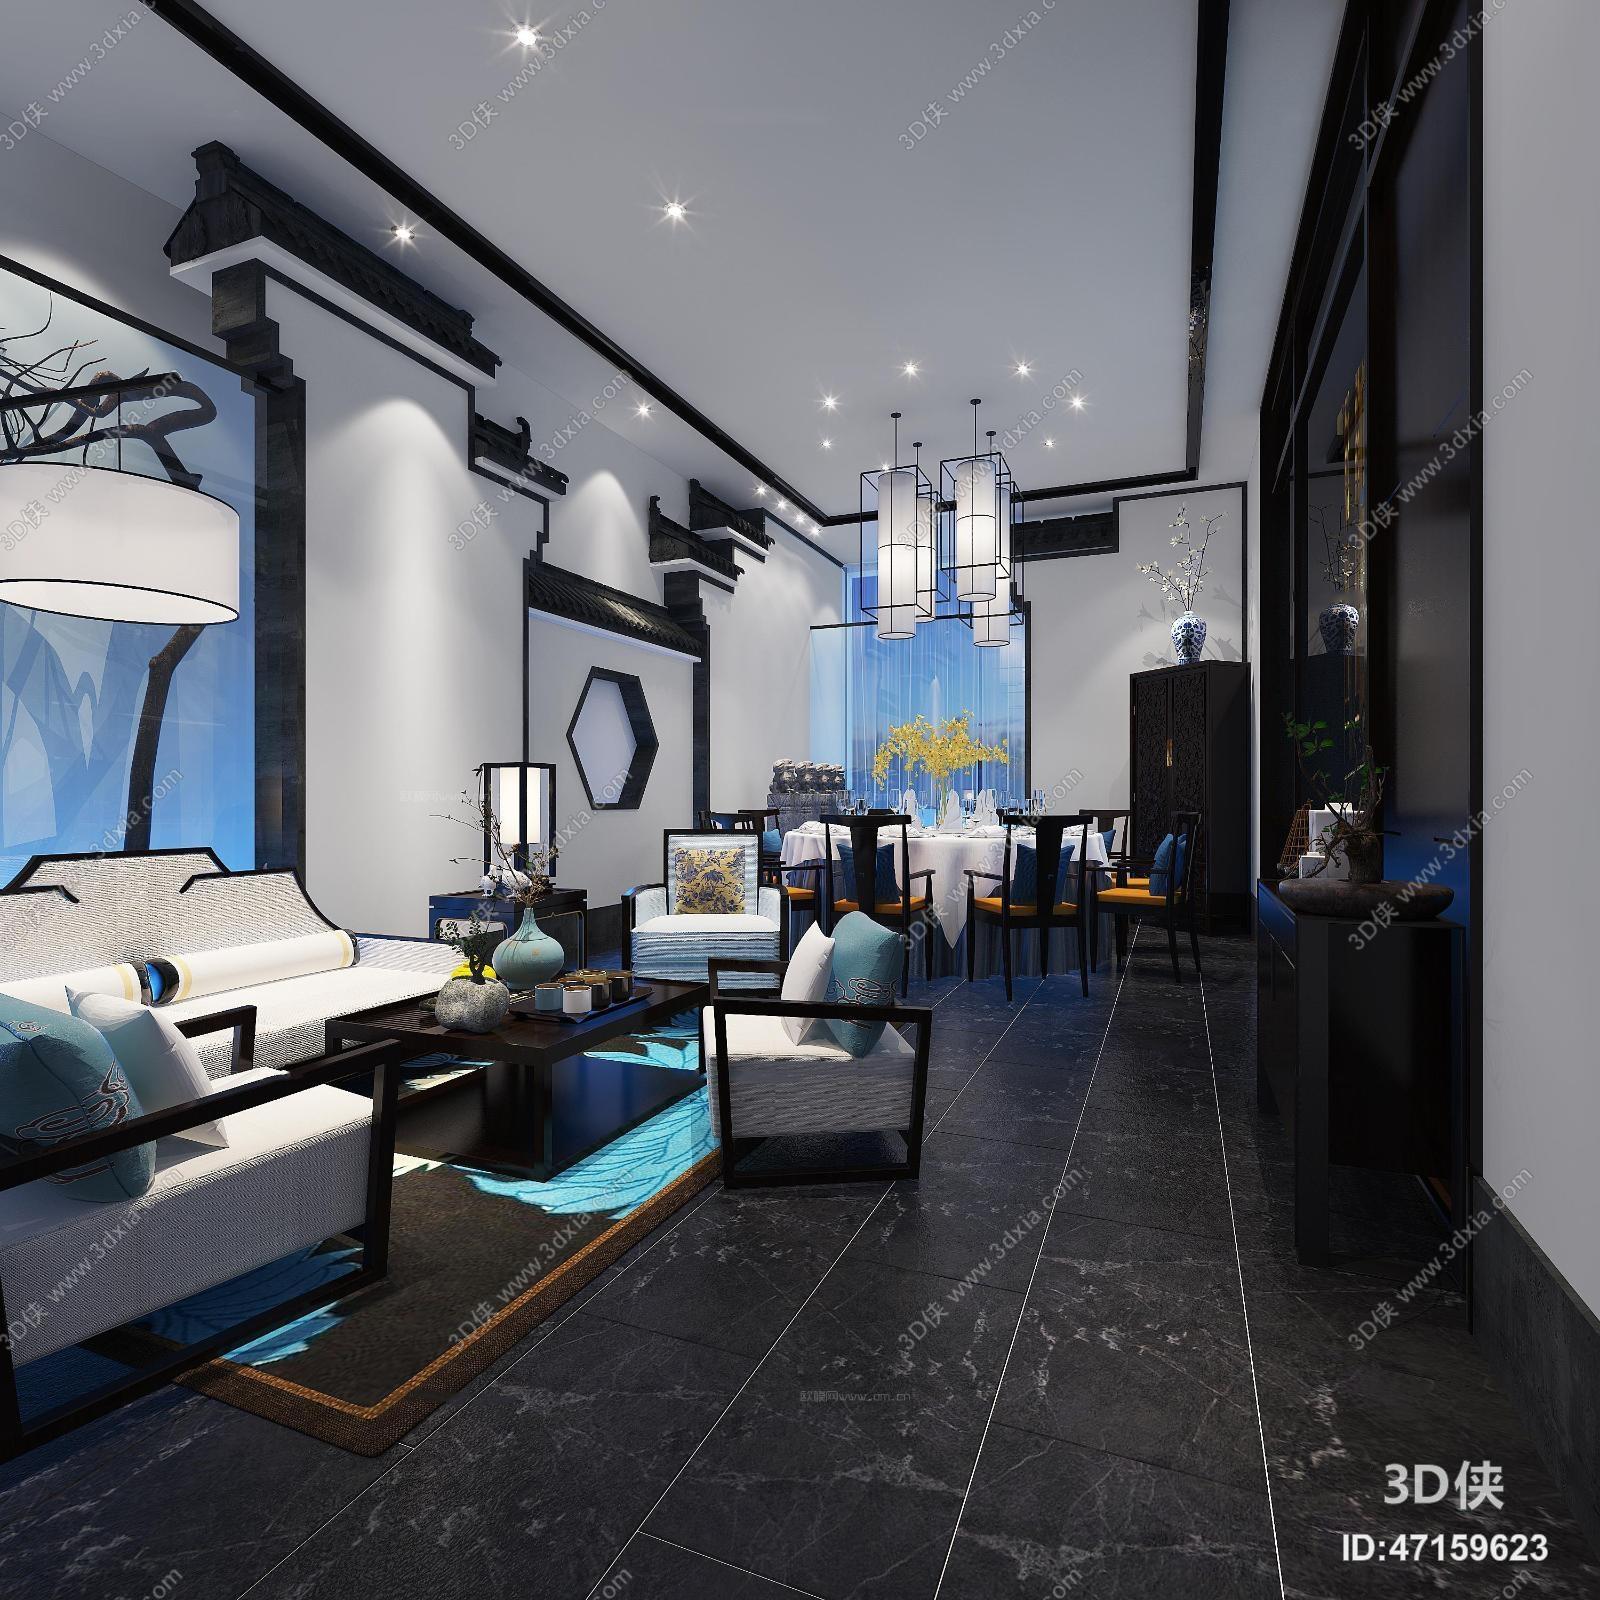 新中式酒楼餐厅包房3d模型下载【id:47159623】